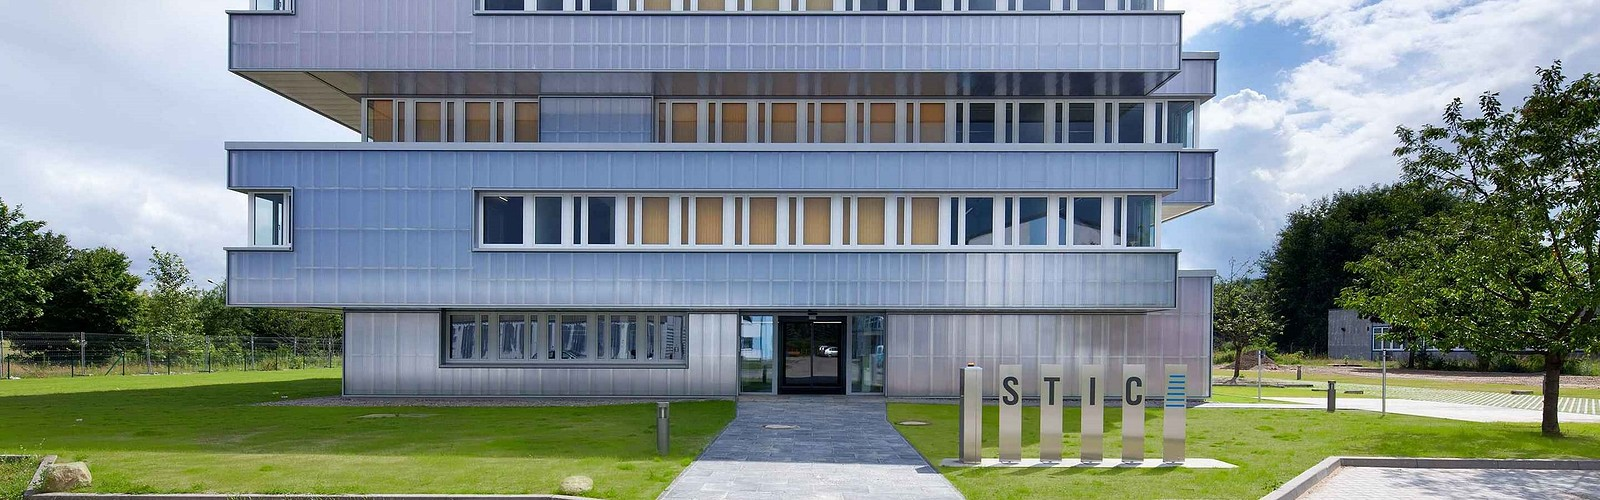 TP6 Außenansicht, Foto: Julia Otto, Lizenz: STIC Wirtschaftsfördergesellschaft MOL mbH